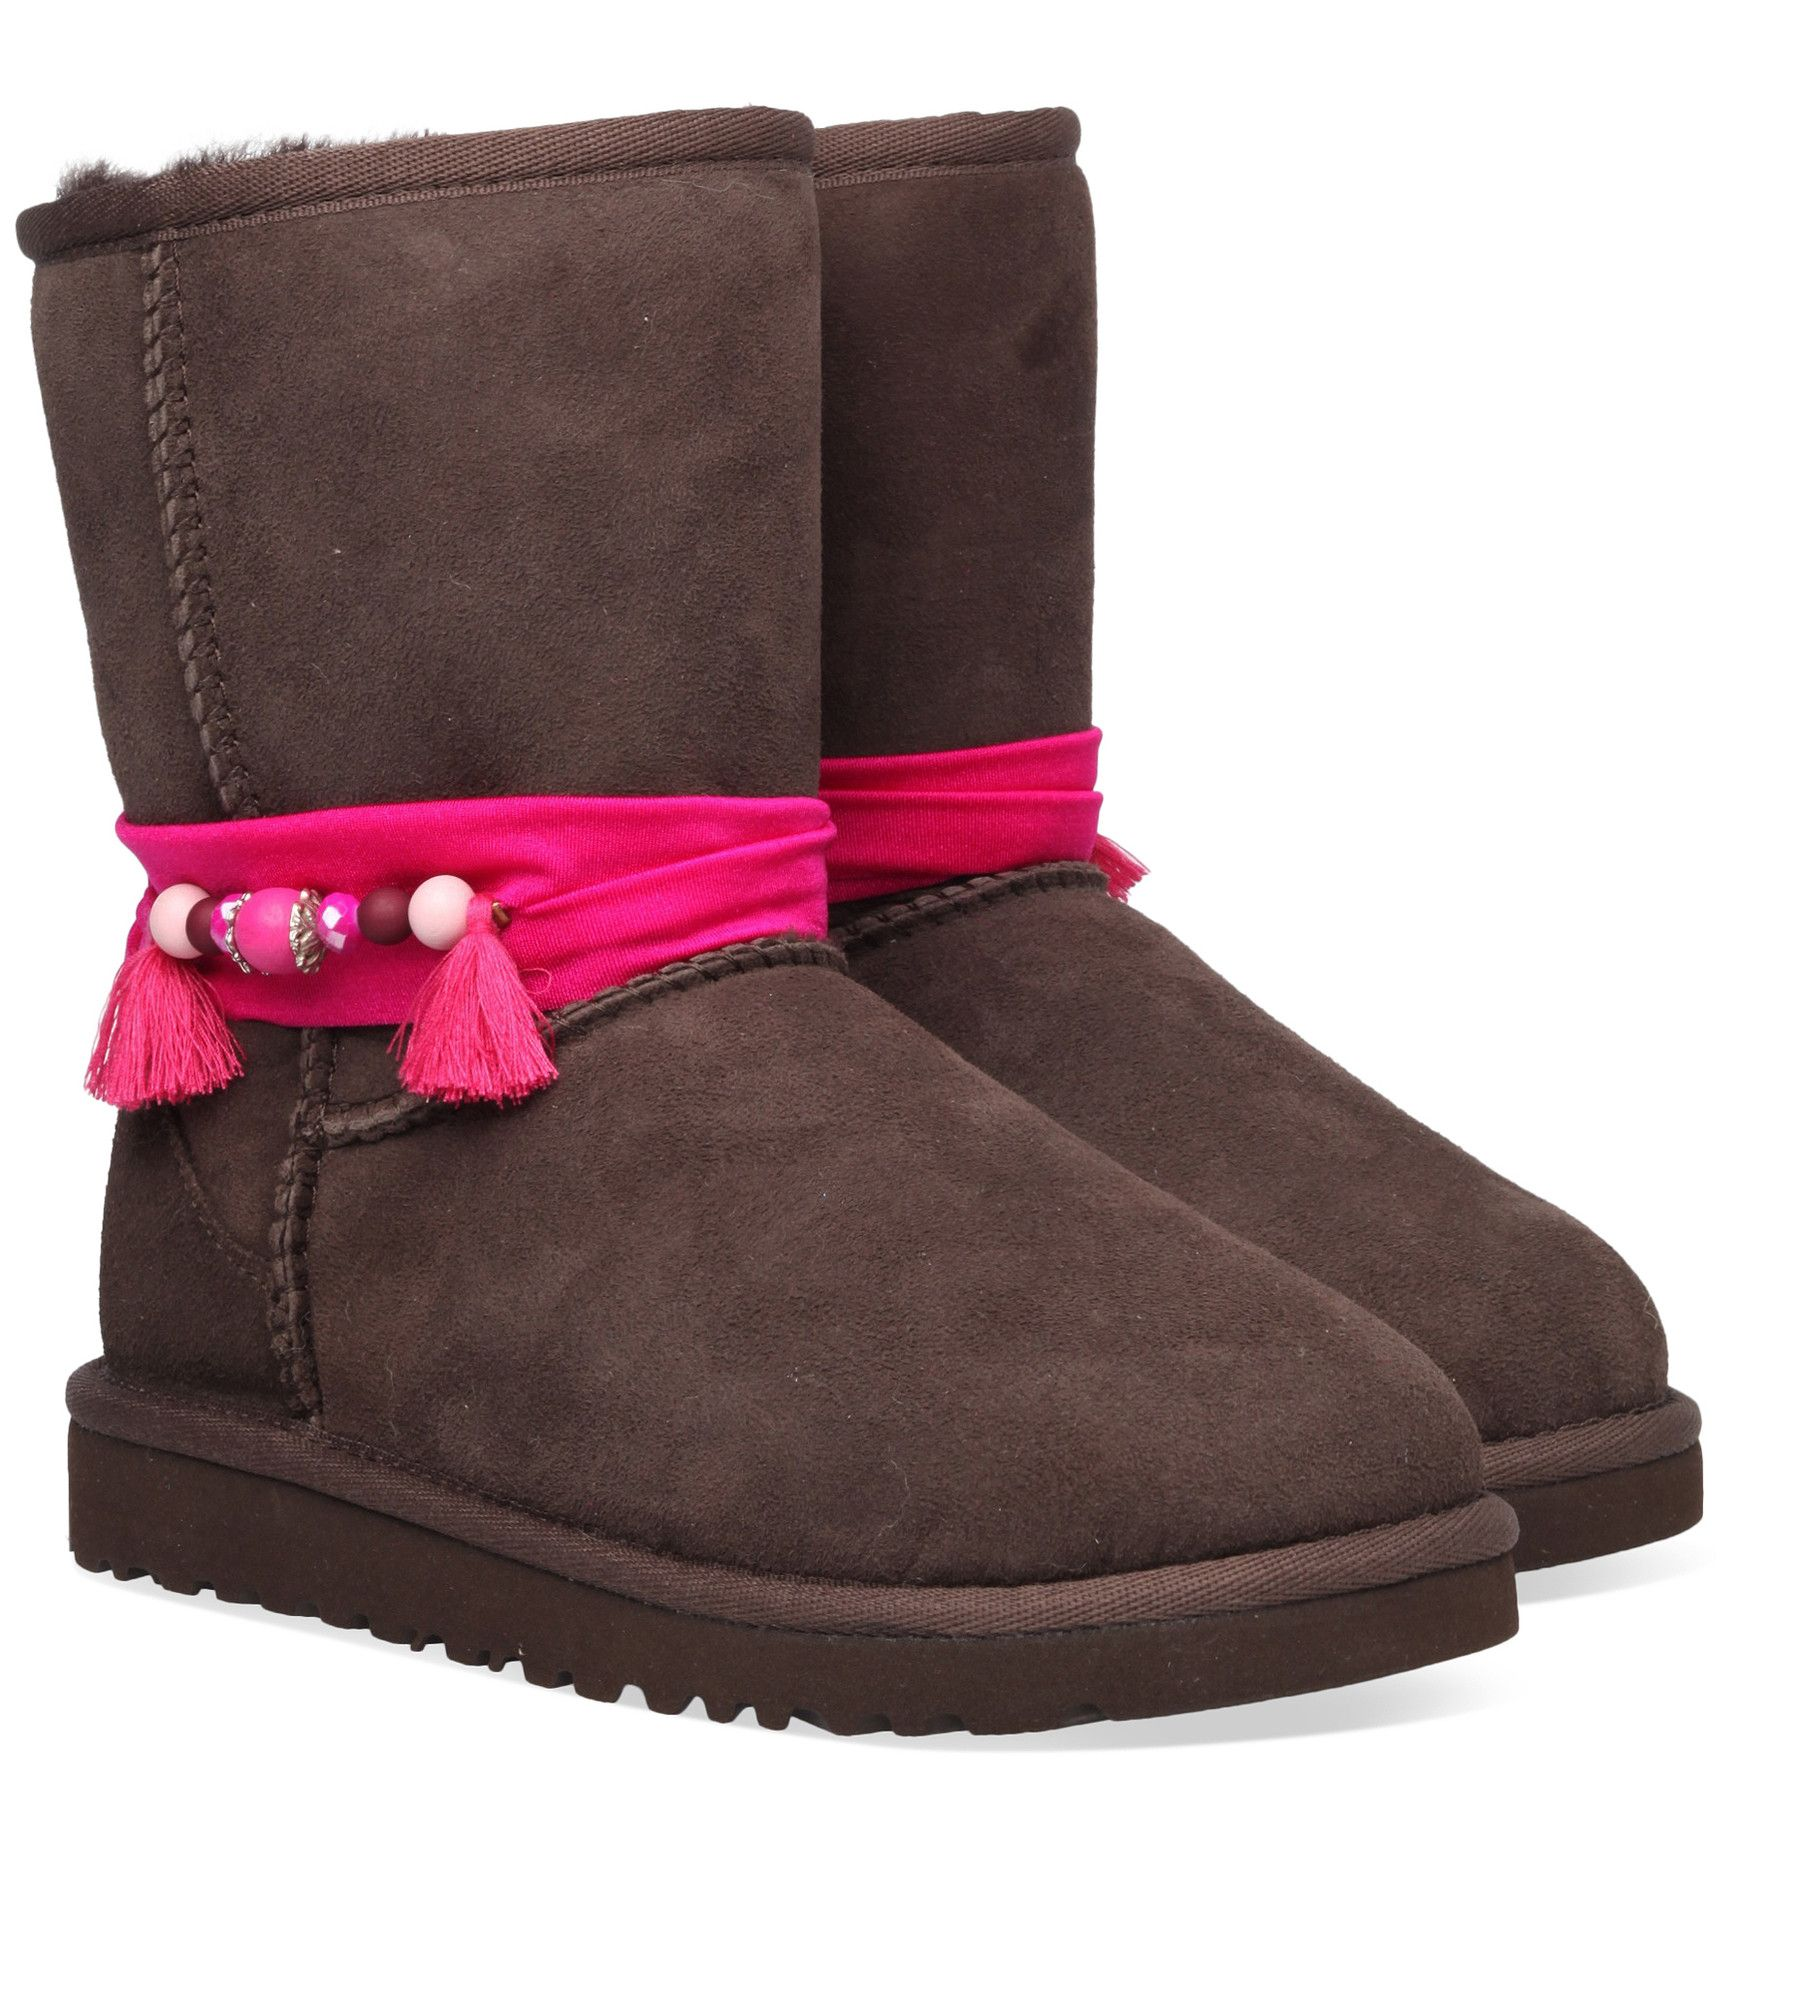 Kinderschoenen Te Koop.Ugg Kinderschoenen Kids Classic Mooim Chocolate Koop Je Online Bij